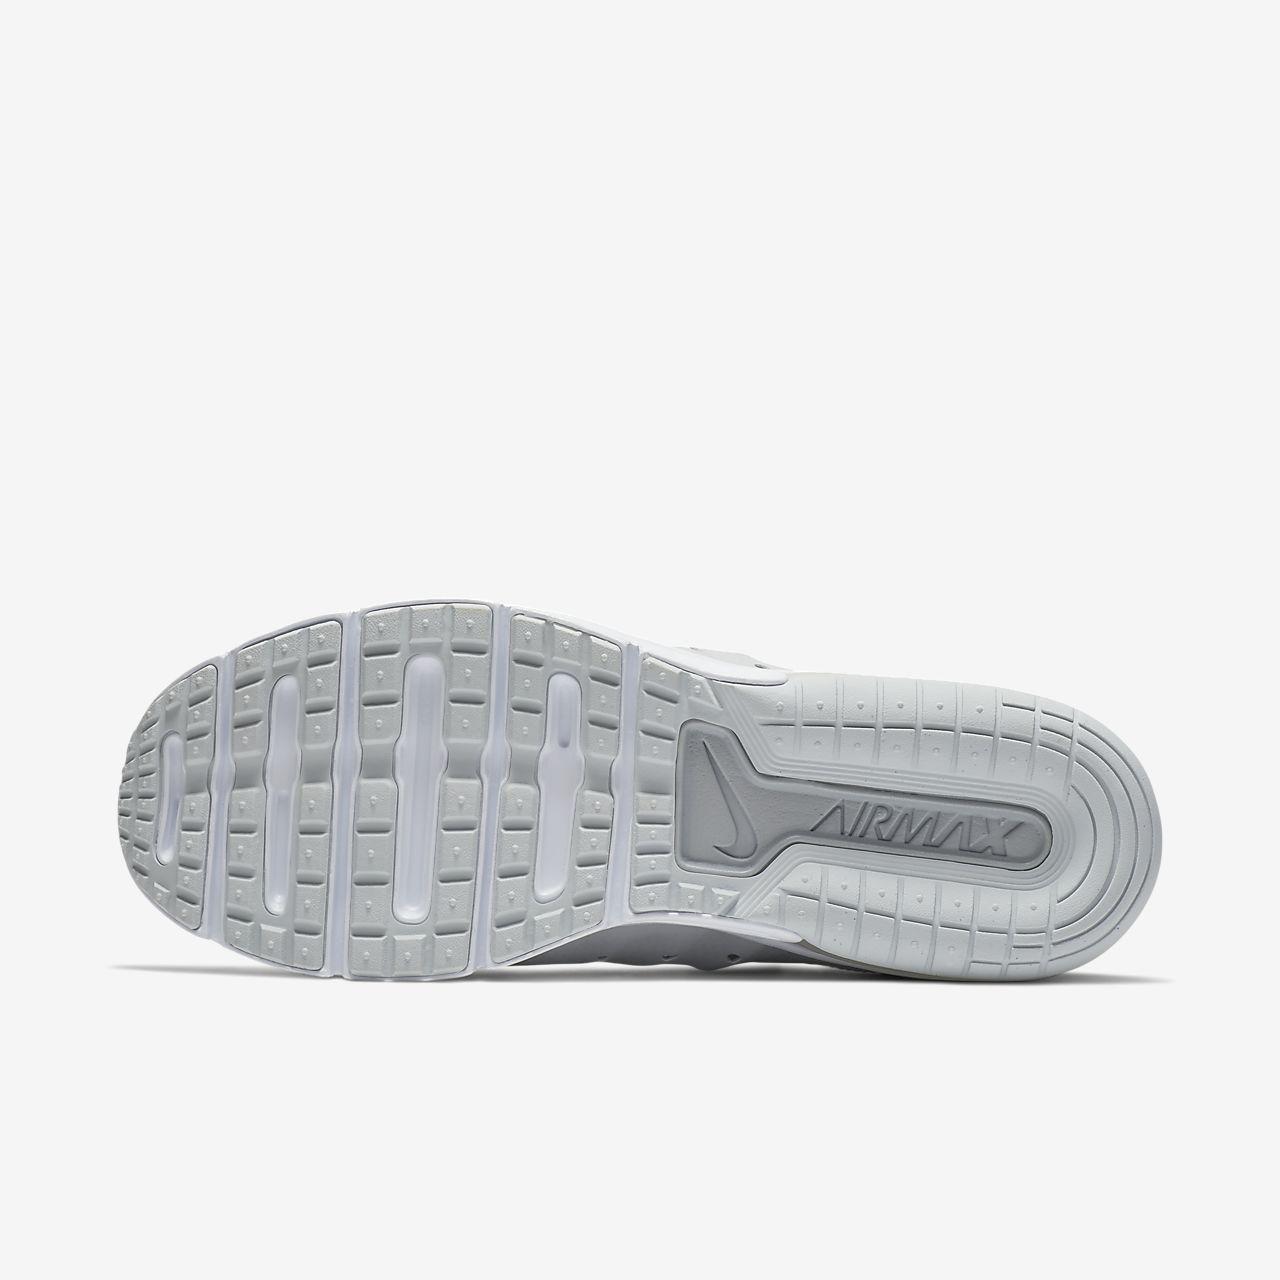 0d05bb08ba5252 Nike Air Max Sequent 3 Damenschuh. Nike.com DE